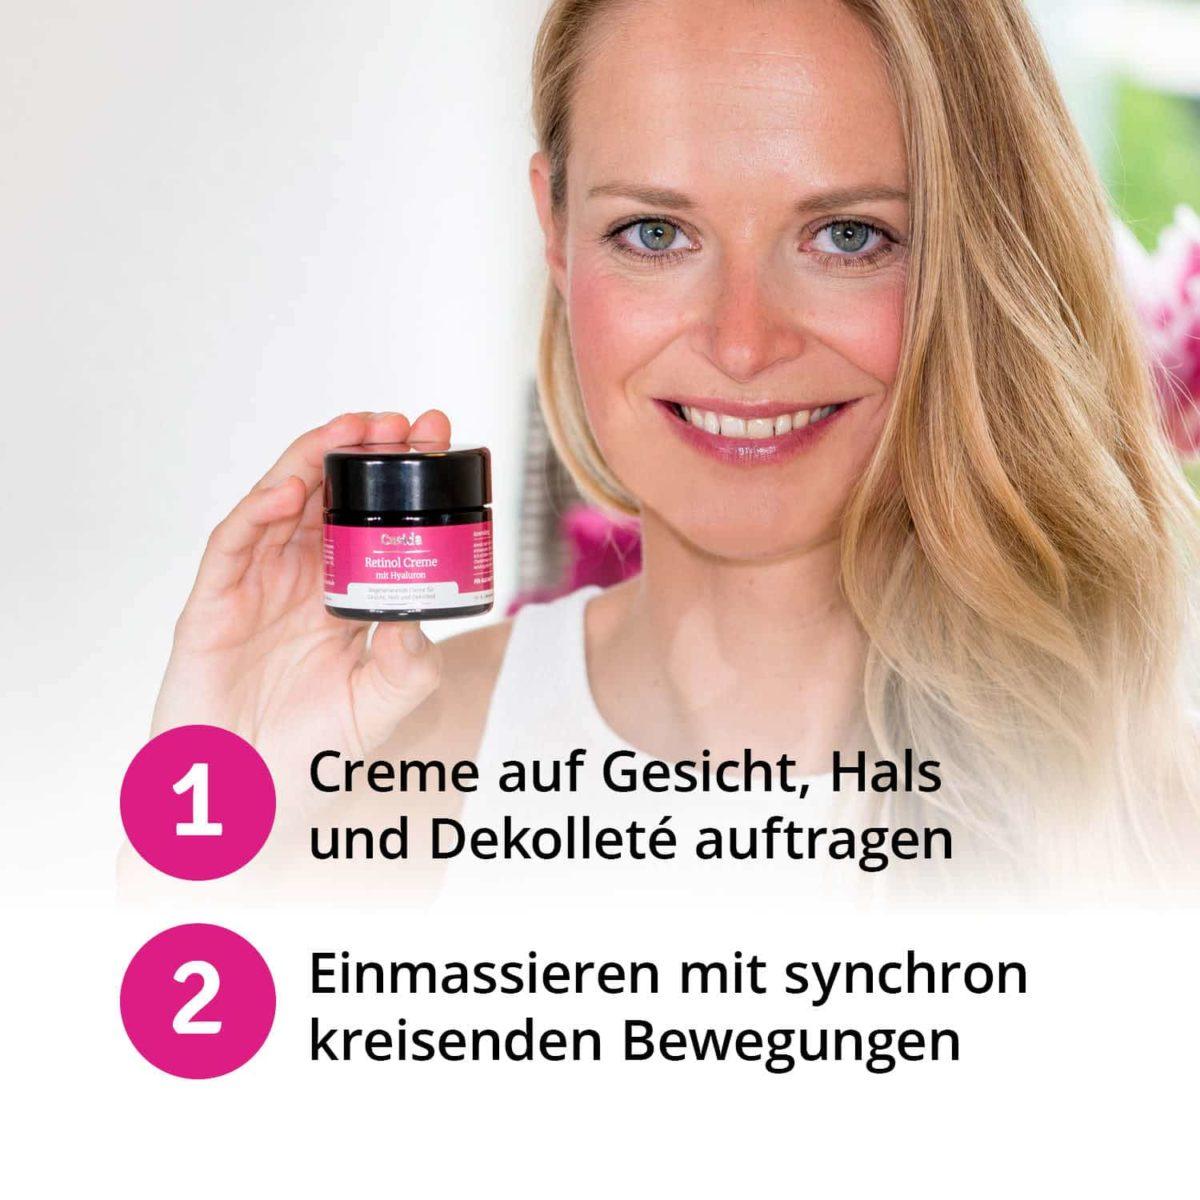 Casida Retinol Creme mit Hyaluron – 50 ml 15408244 PZN Apotheke Anti-Aging6